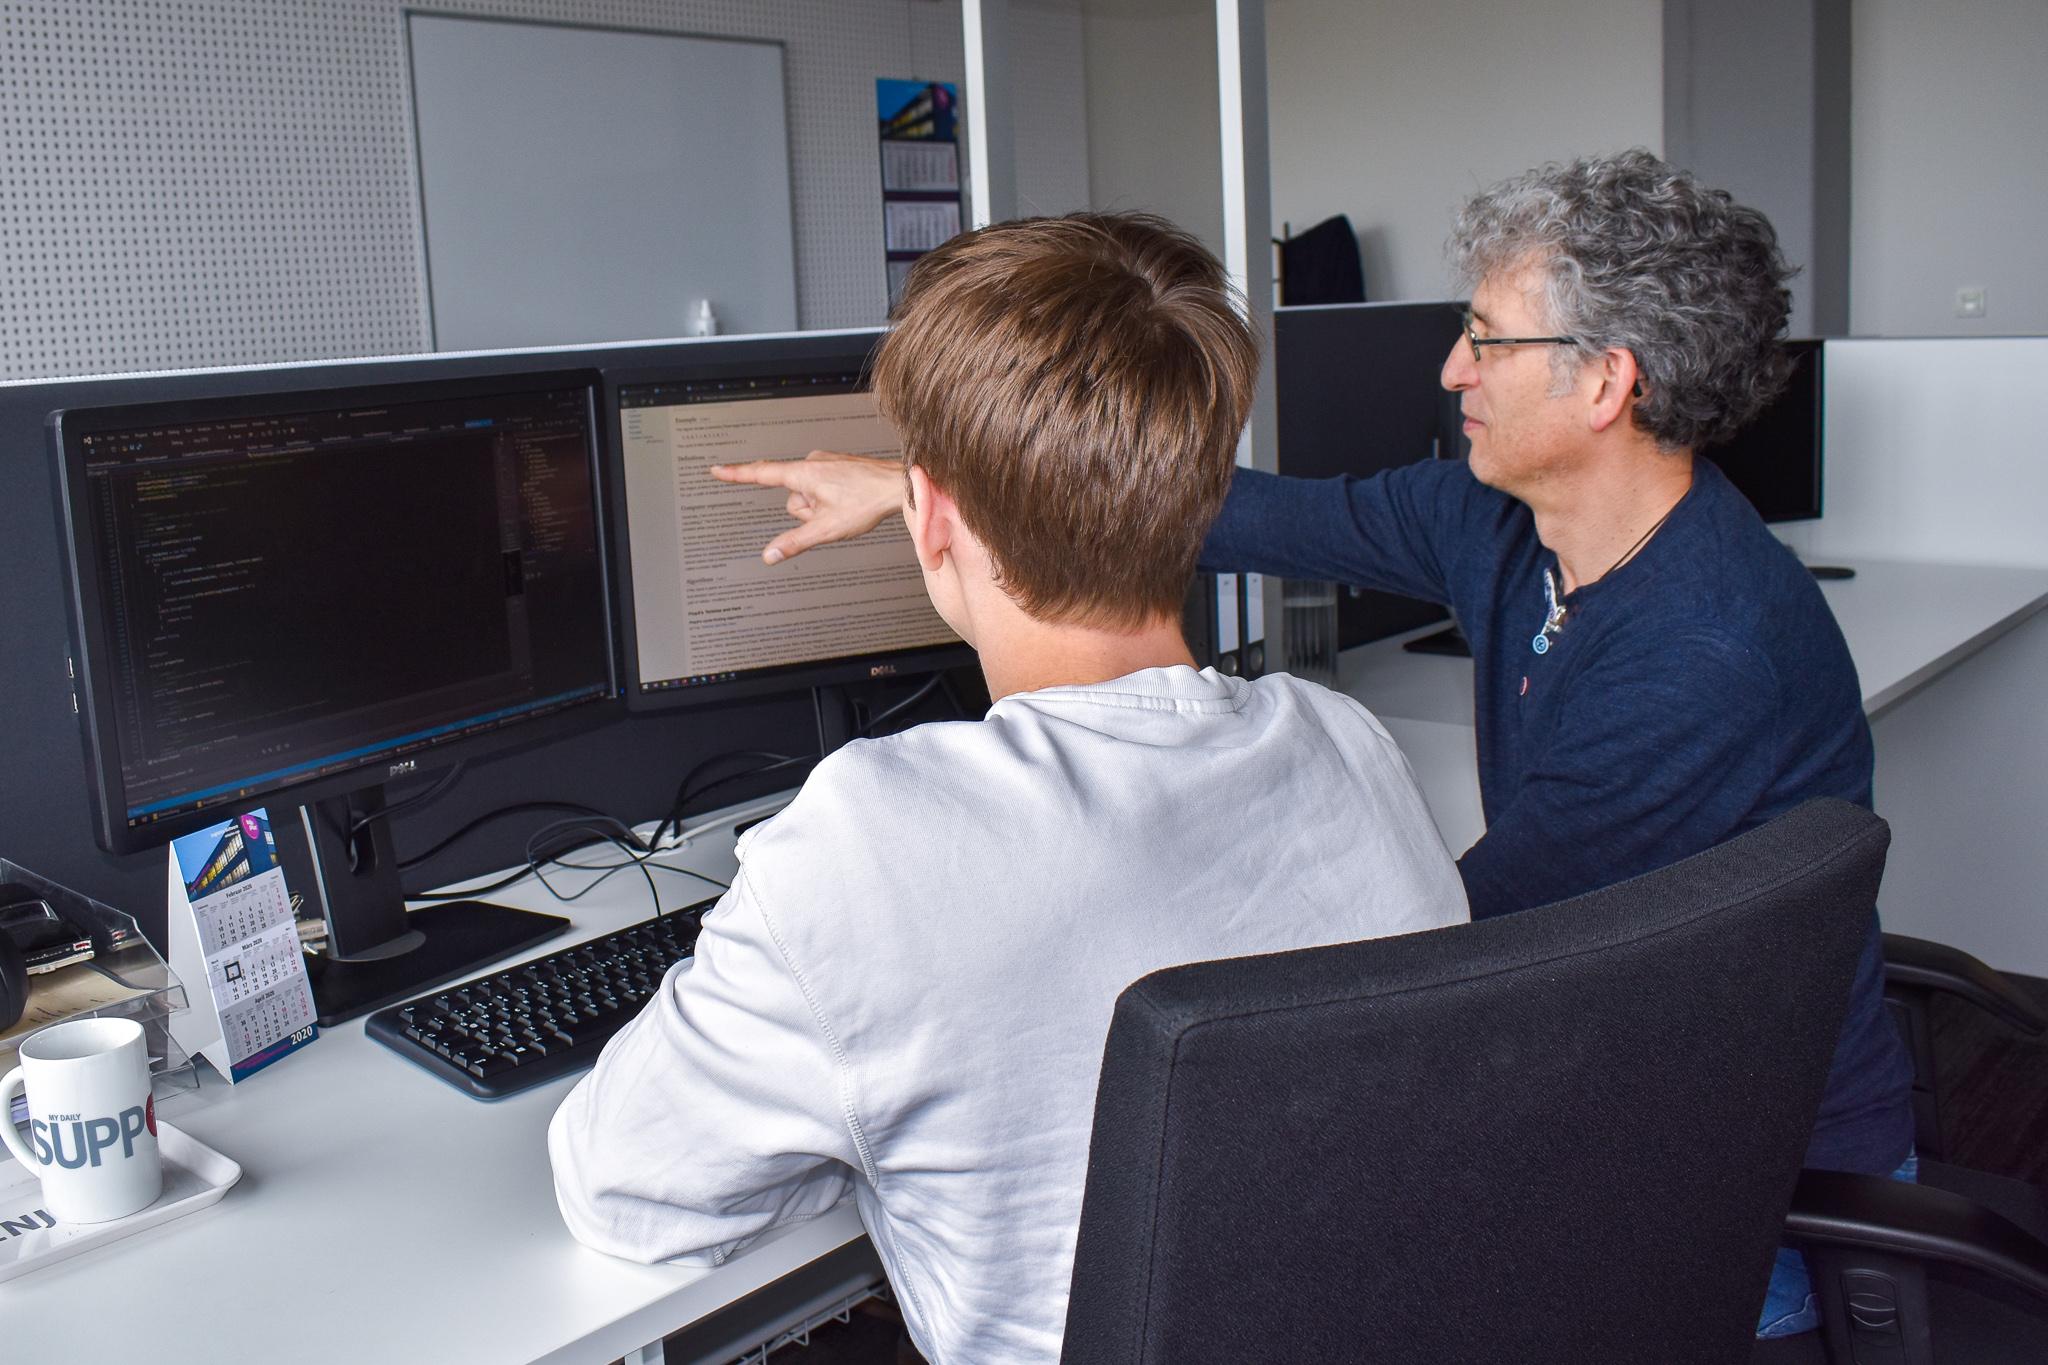 Ausbildung zum Fachinformatiker für Anwendungsentwicklung